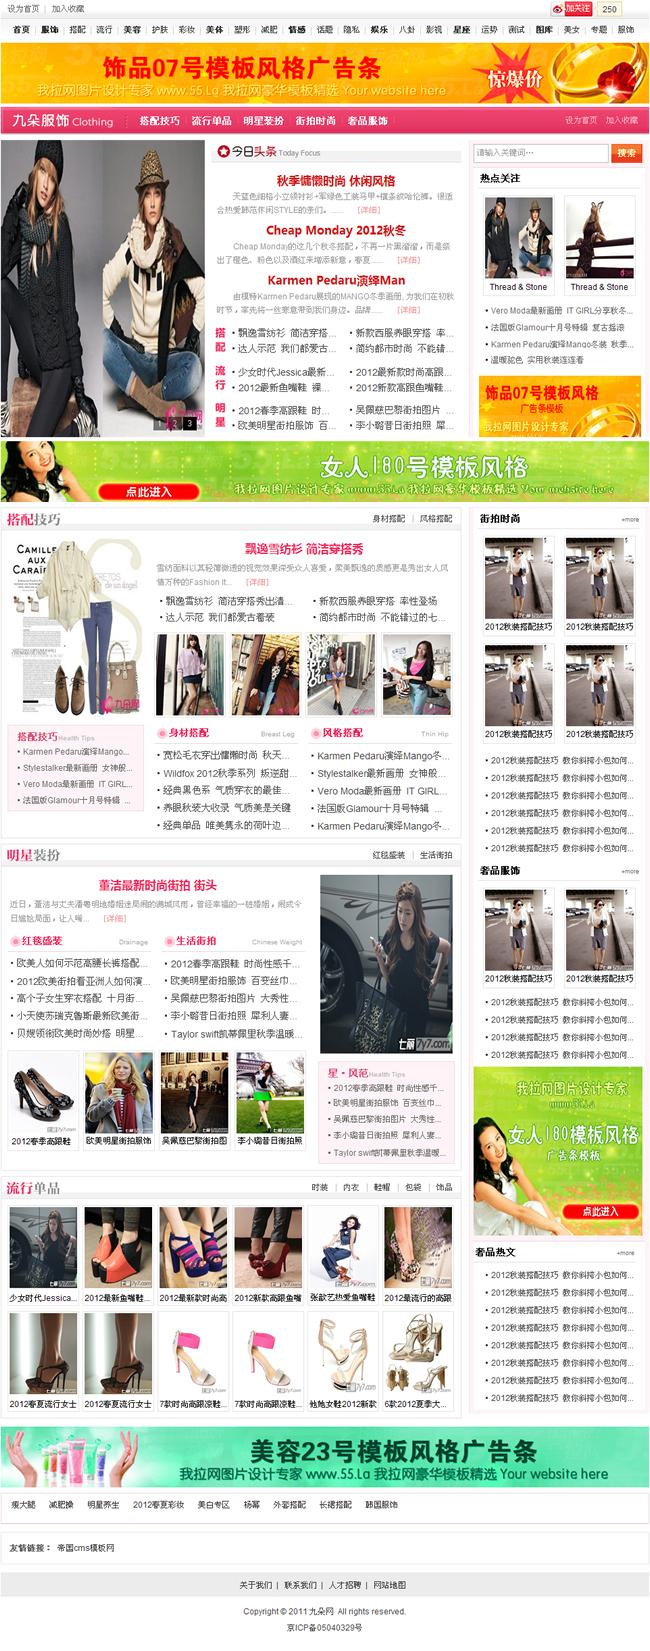 帝国cms大型女性女人门户网站程序源码模板_服饰频道